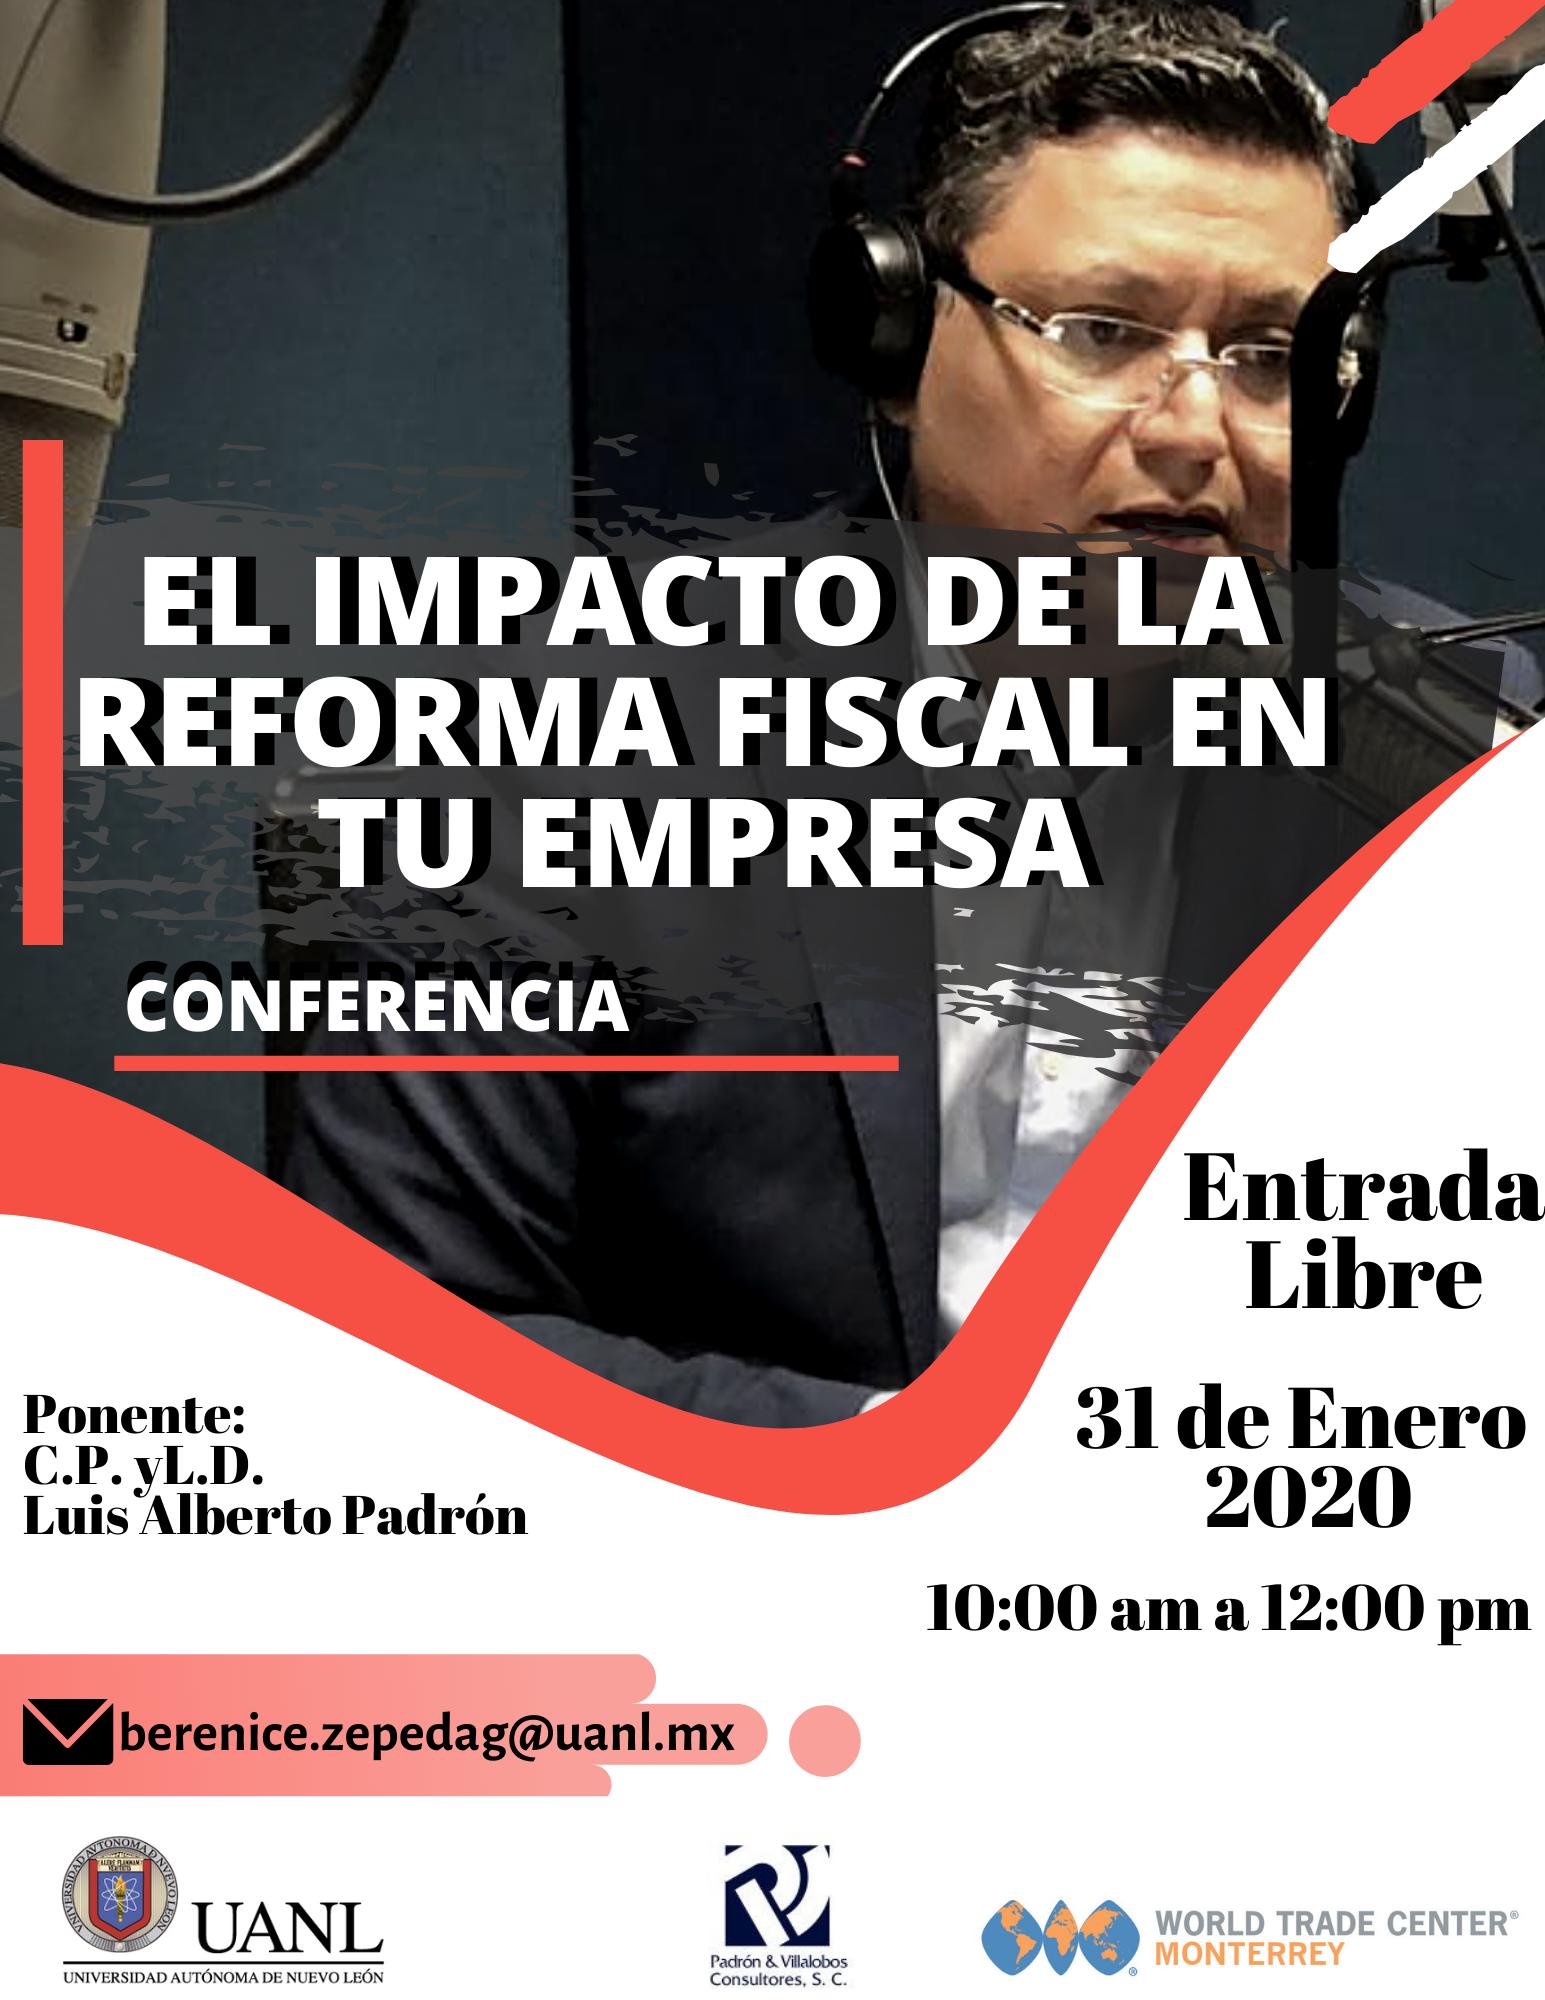 El Impacto por la Reforma Fiscal